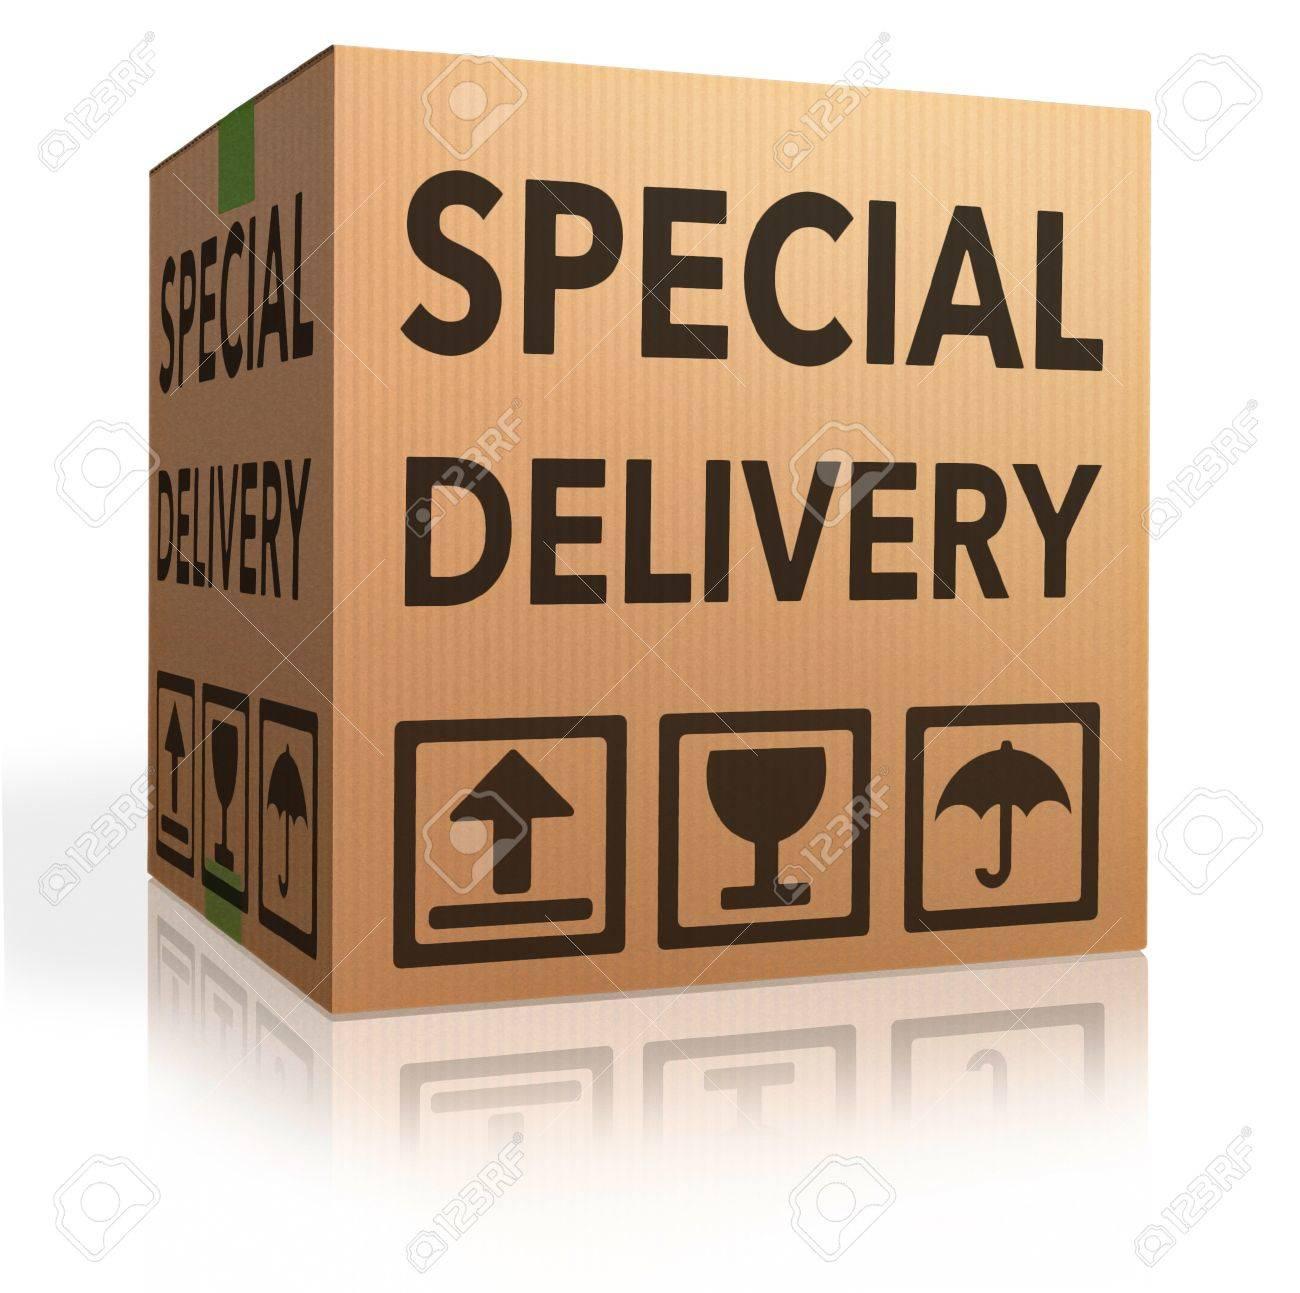 2ece039ed07b75 Livraison expédition importante forfait spécial spécial envoi express boîte  de carton d'expédition de boutique en ligne en ligne sur Internet, ...